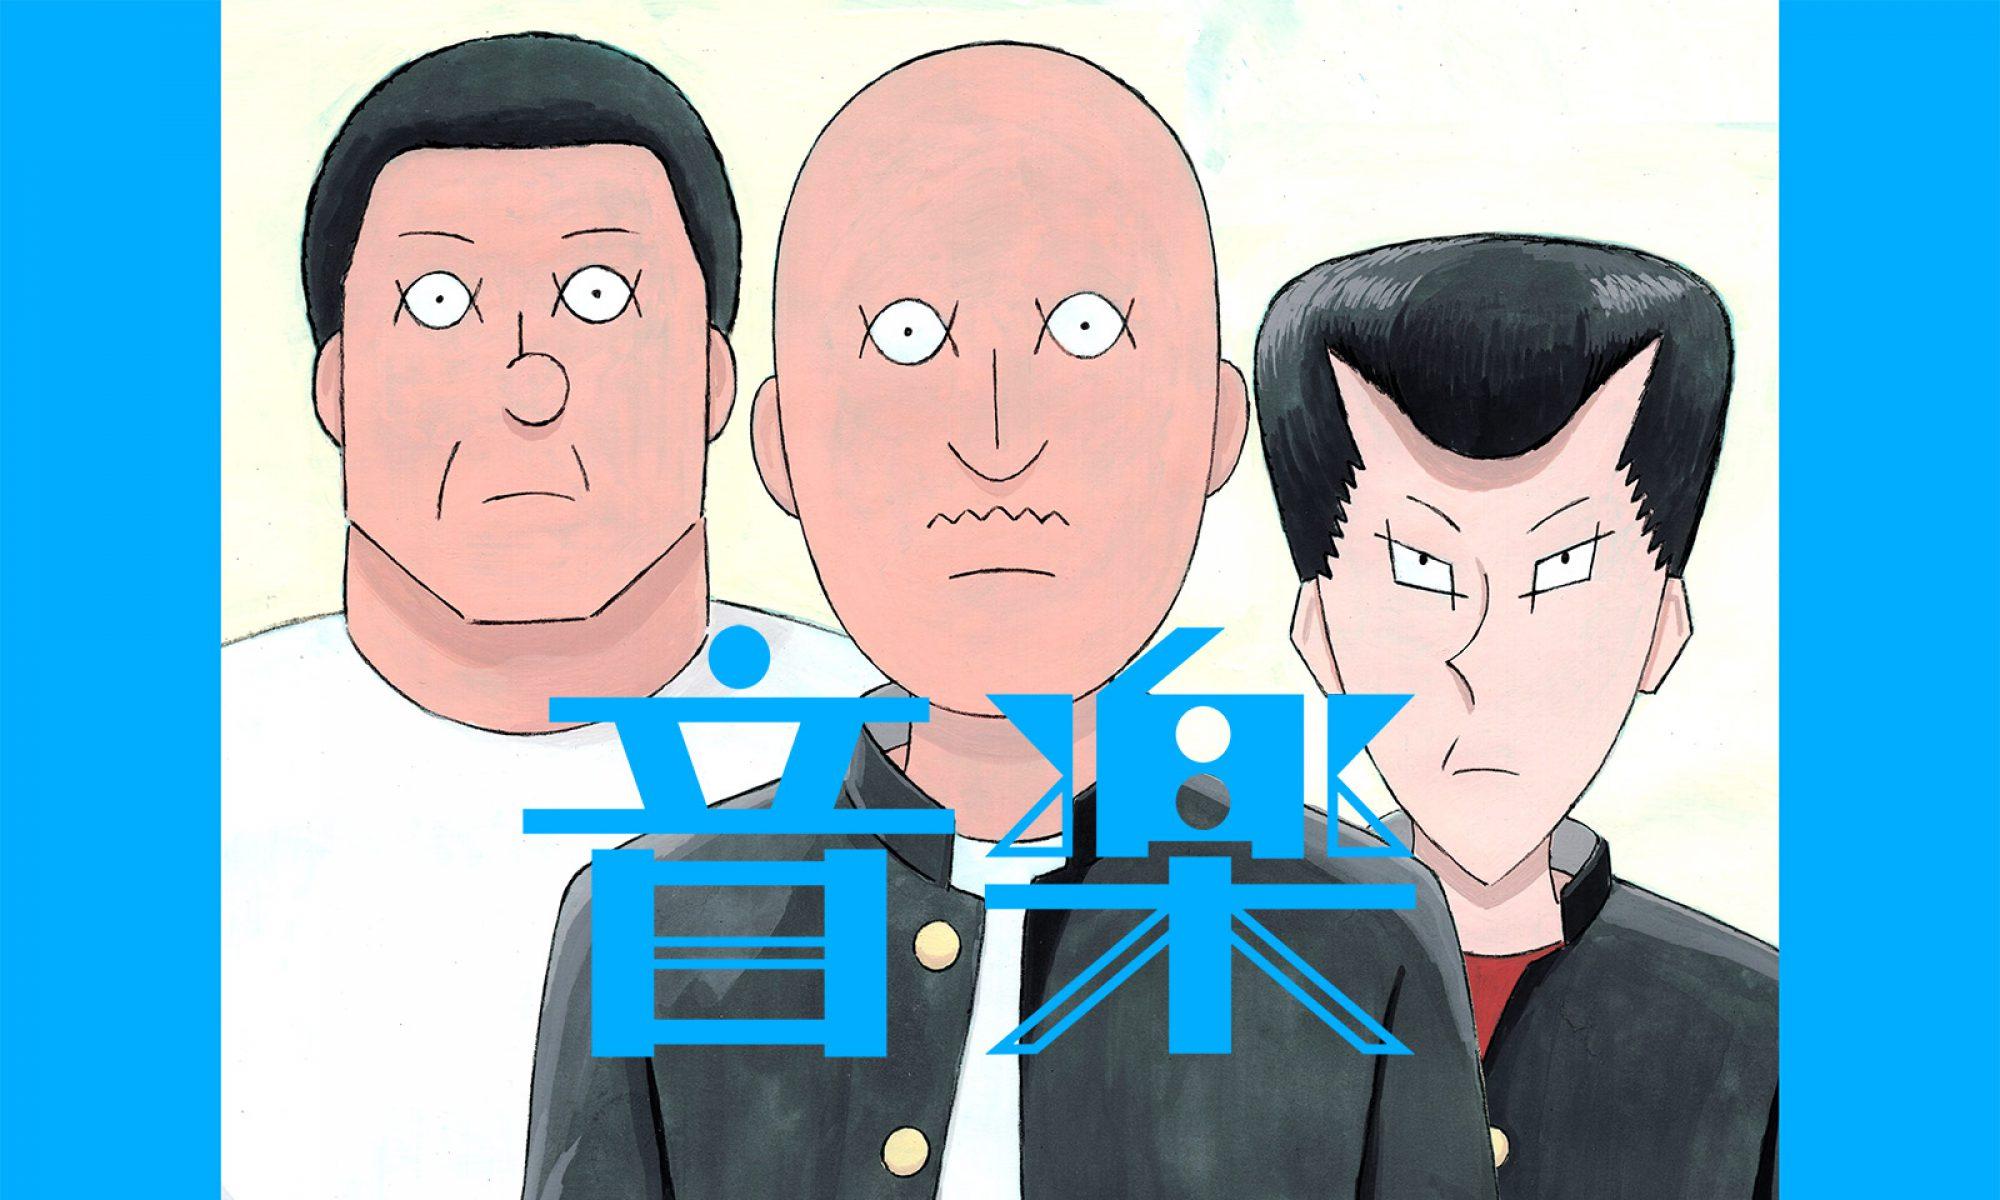 アニメーション映画「音楽」(監督:岩井澤健治)公式サイト